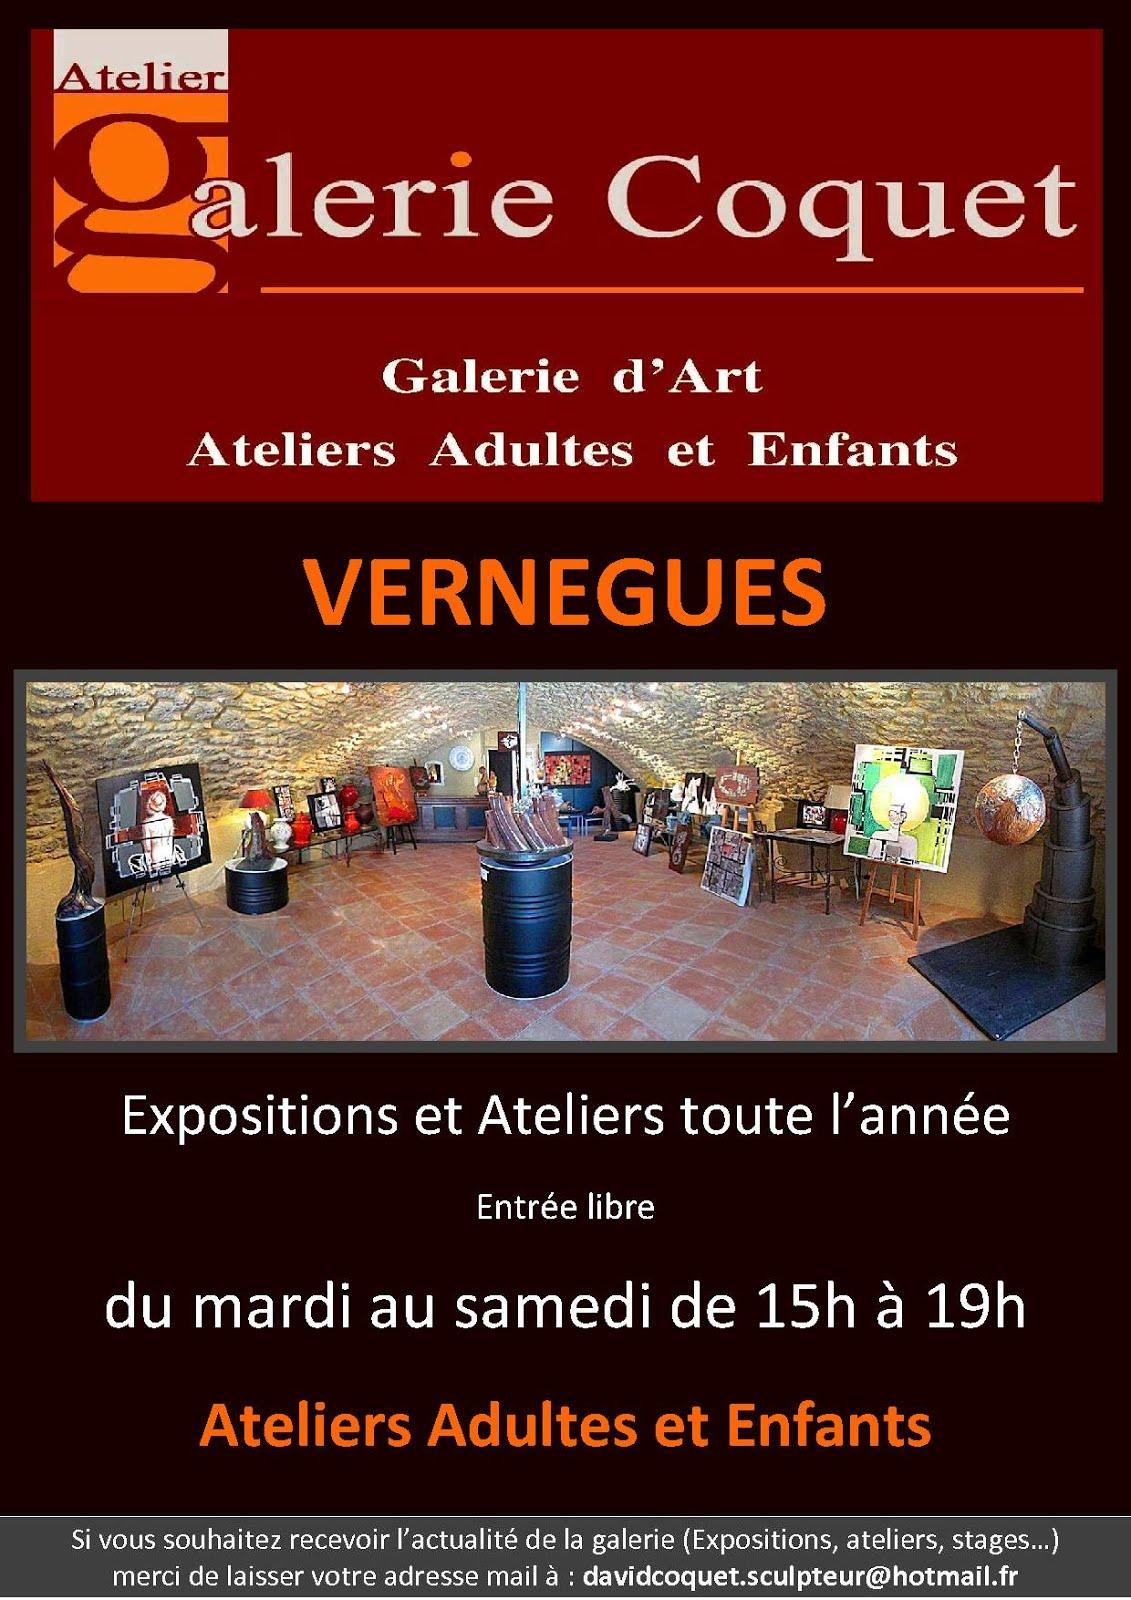 Galerie coquet